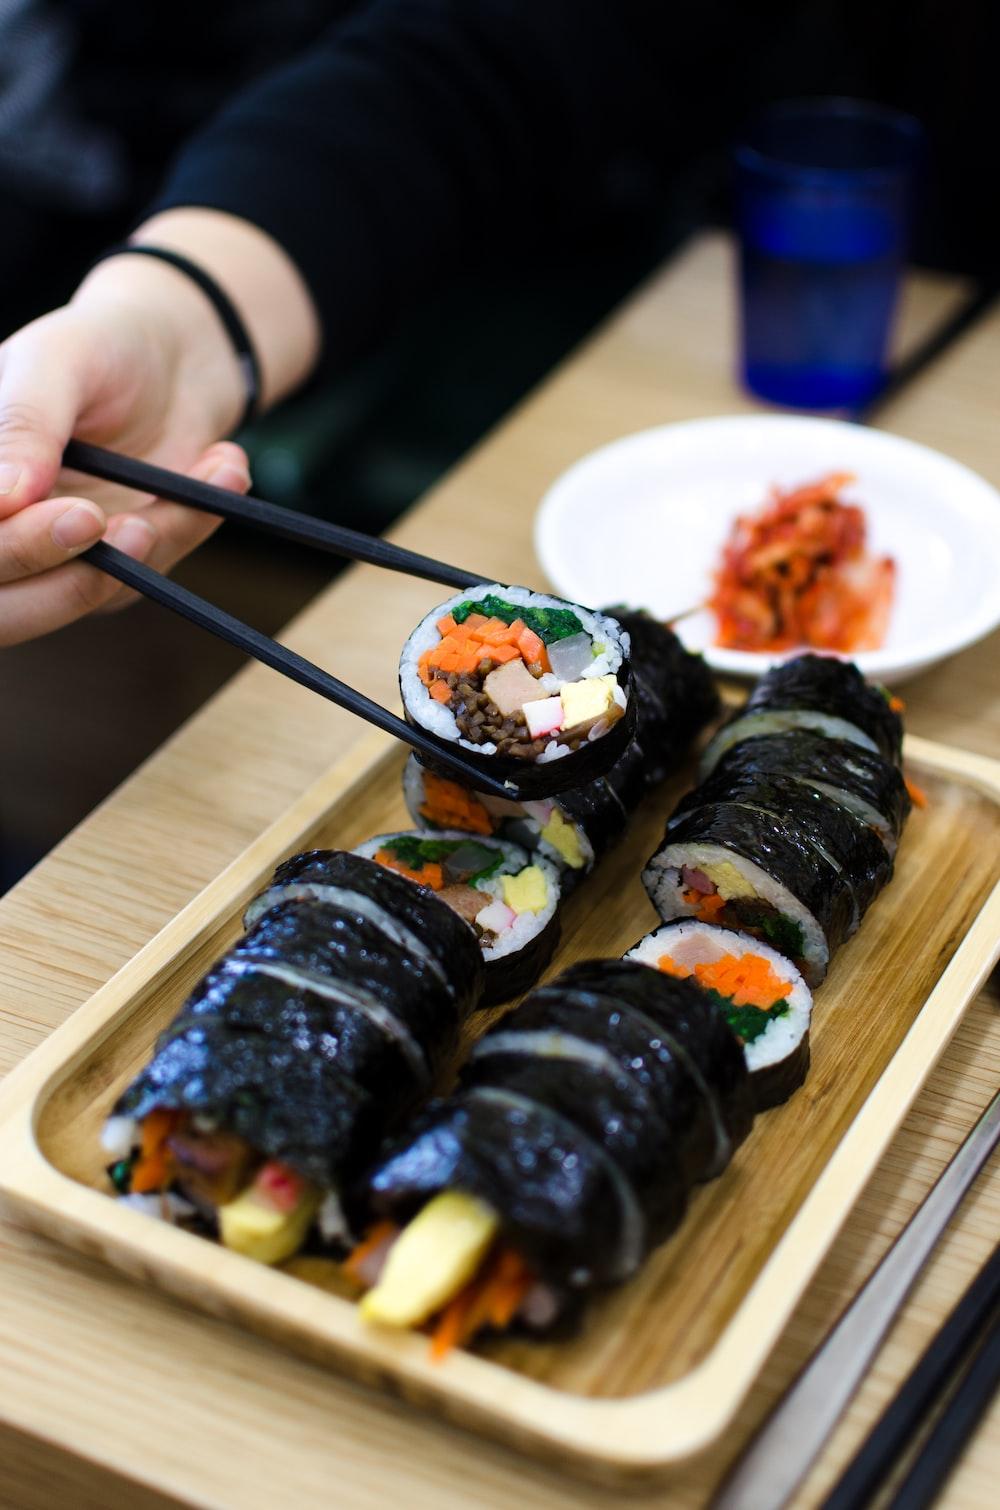 person picking sushi using chopsticks